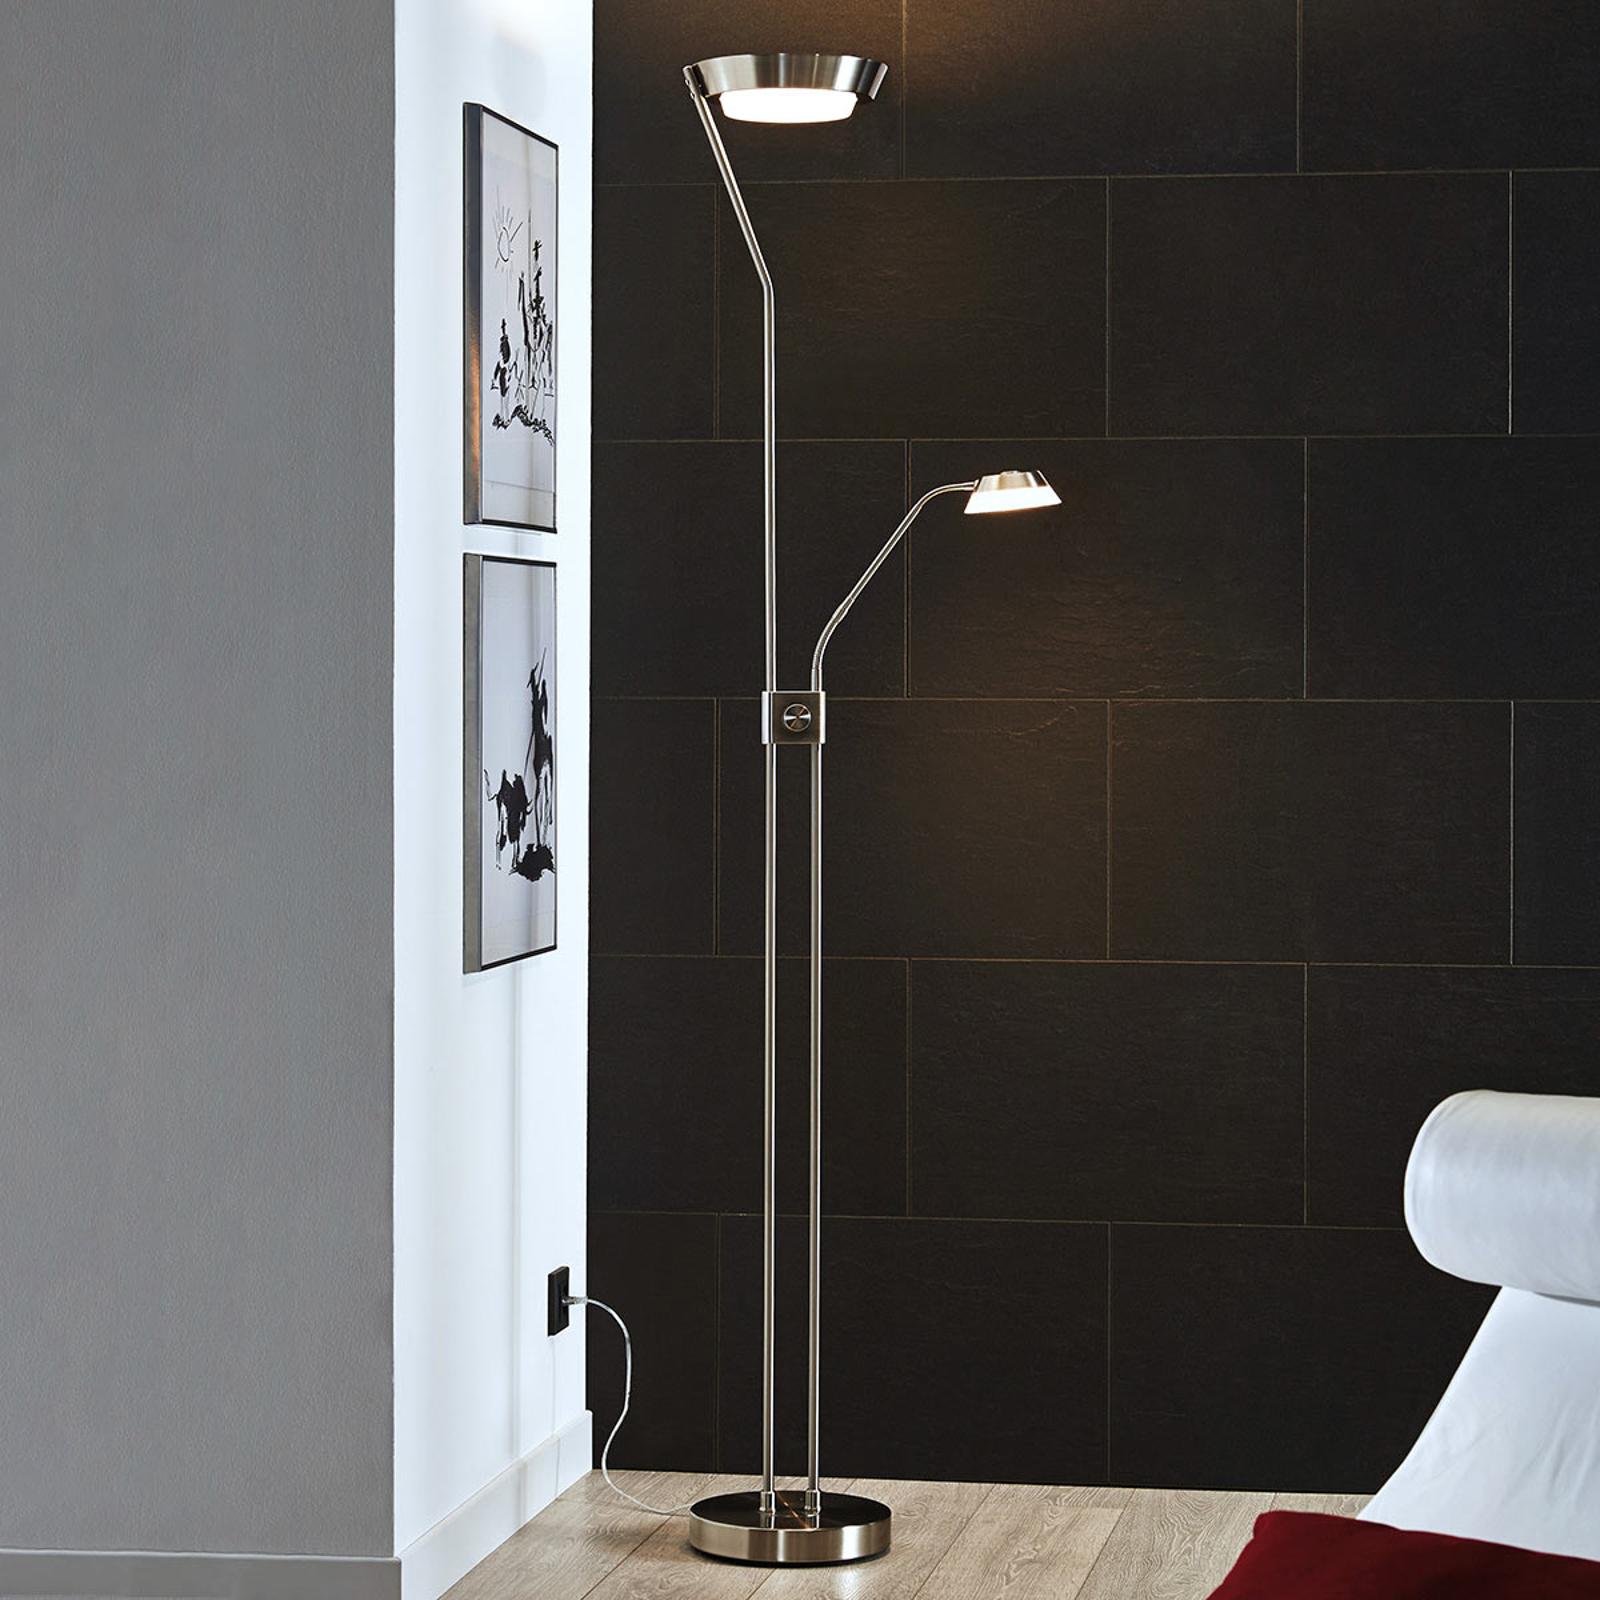 Lampadaire LED Sarrione en acier, nickel mat